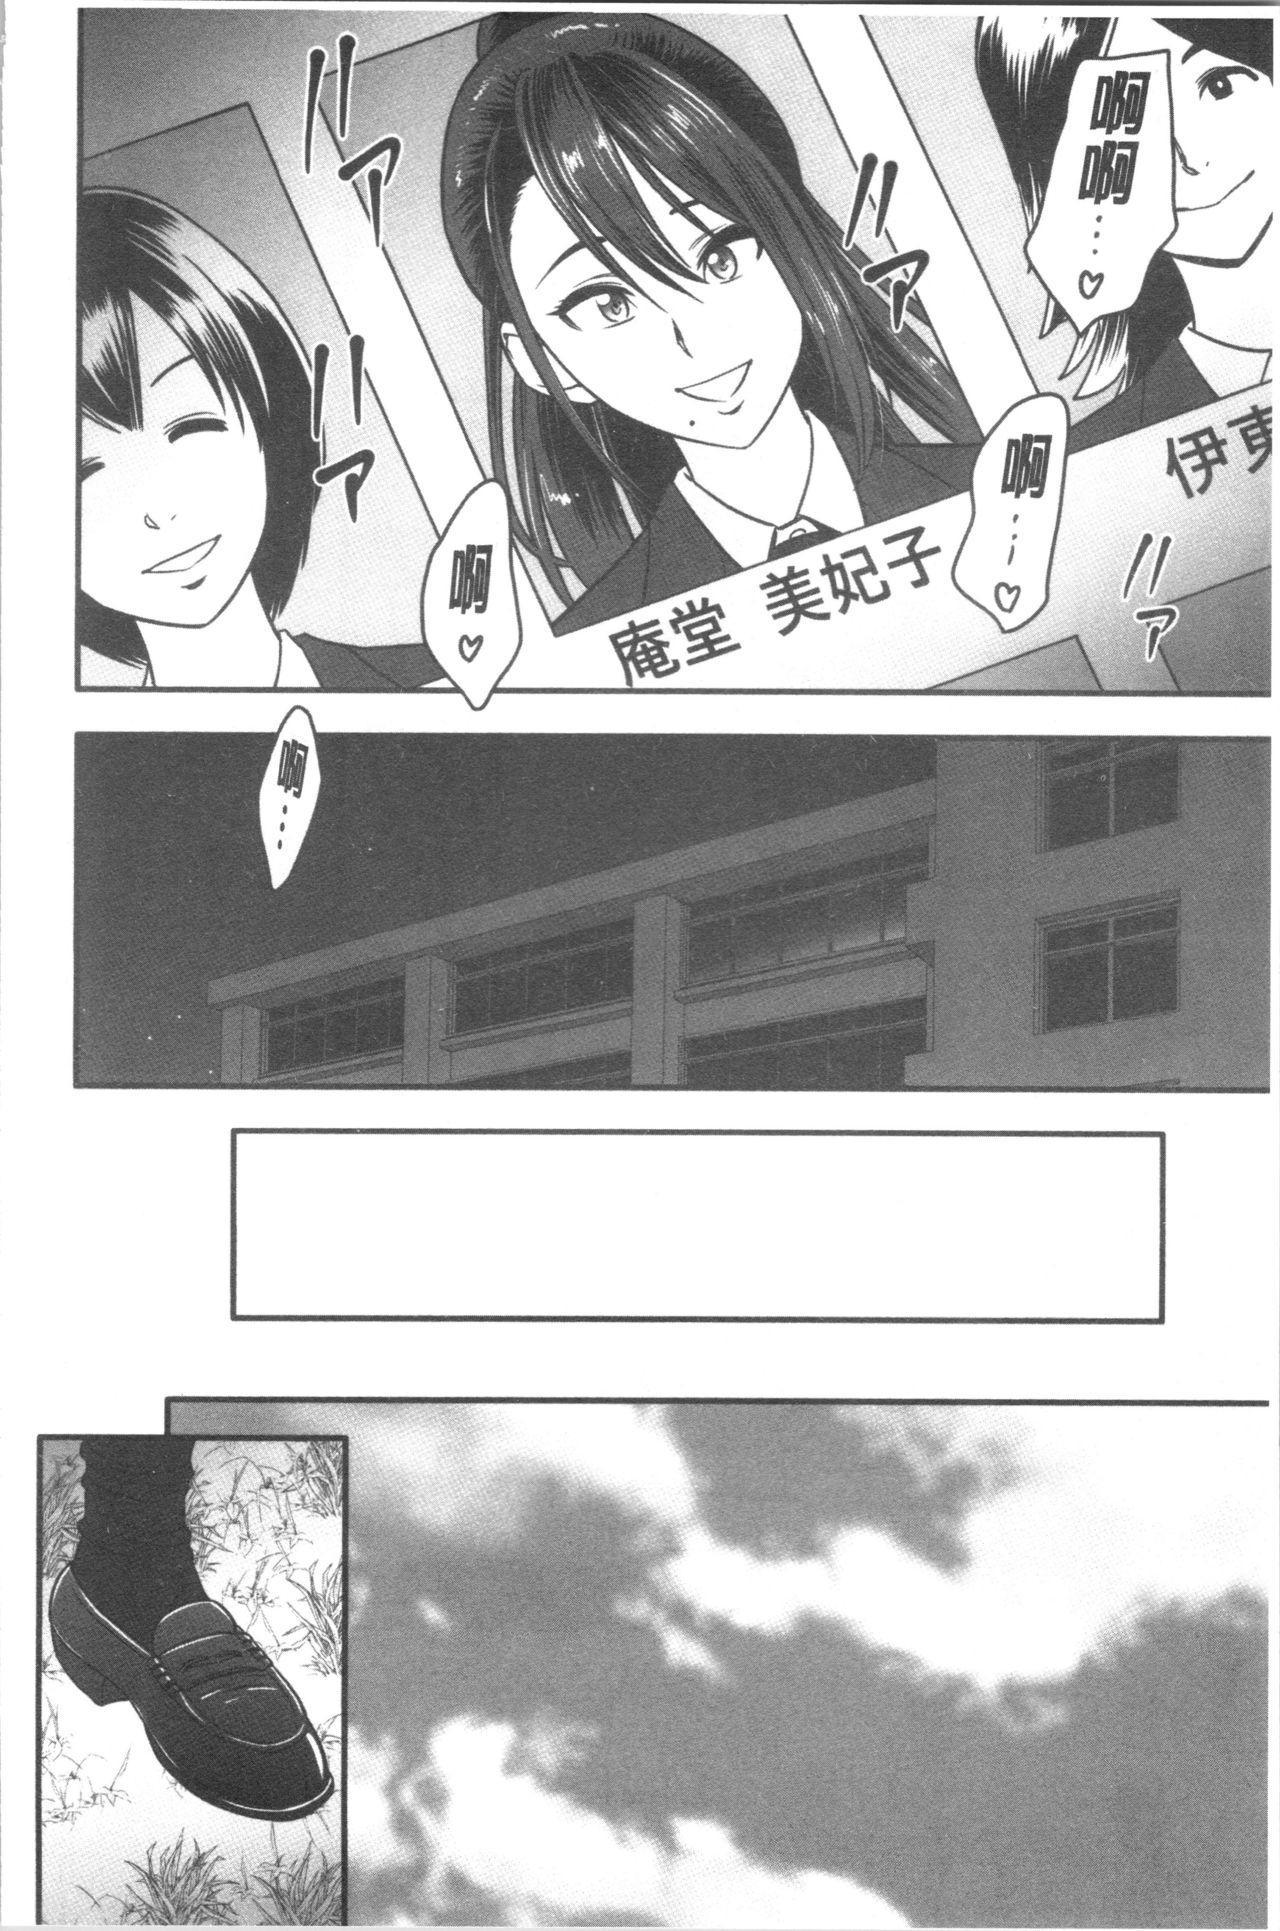 [Tatsunami Youtoku] Dankon Sousai -Hitozuma Kyoushi ga Netorareru made no Kiroku- | 男根想妻 -人妻女教師被寢取偷吃為止的記錄- [Chinese] 52